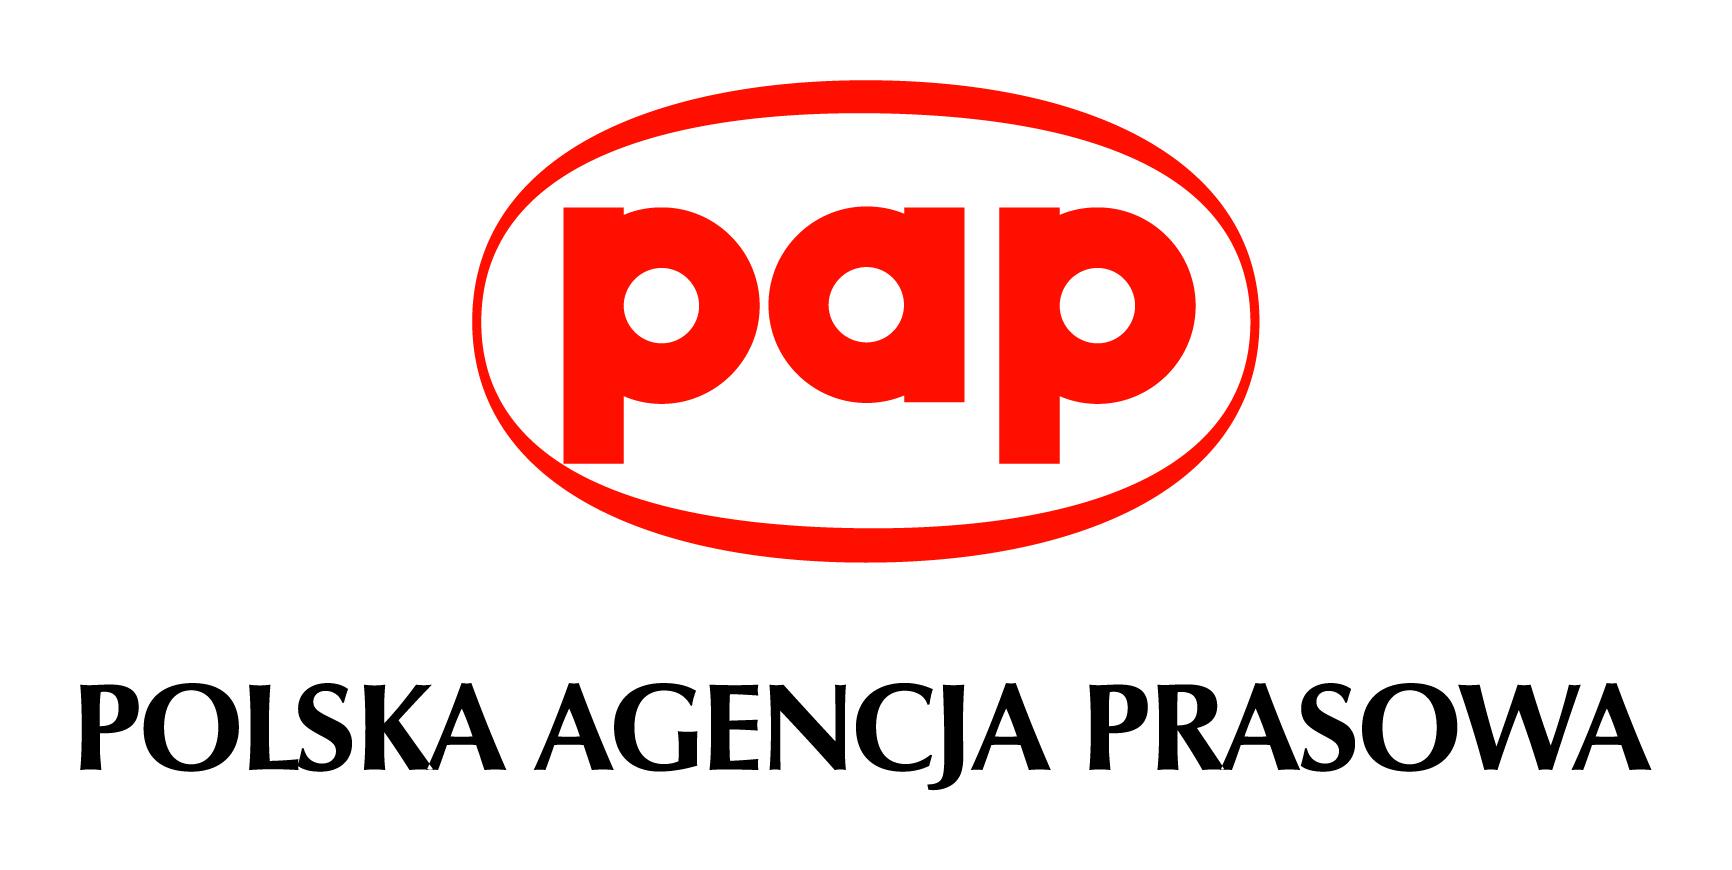 2016 logo_PAP_s